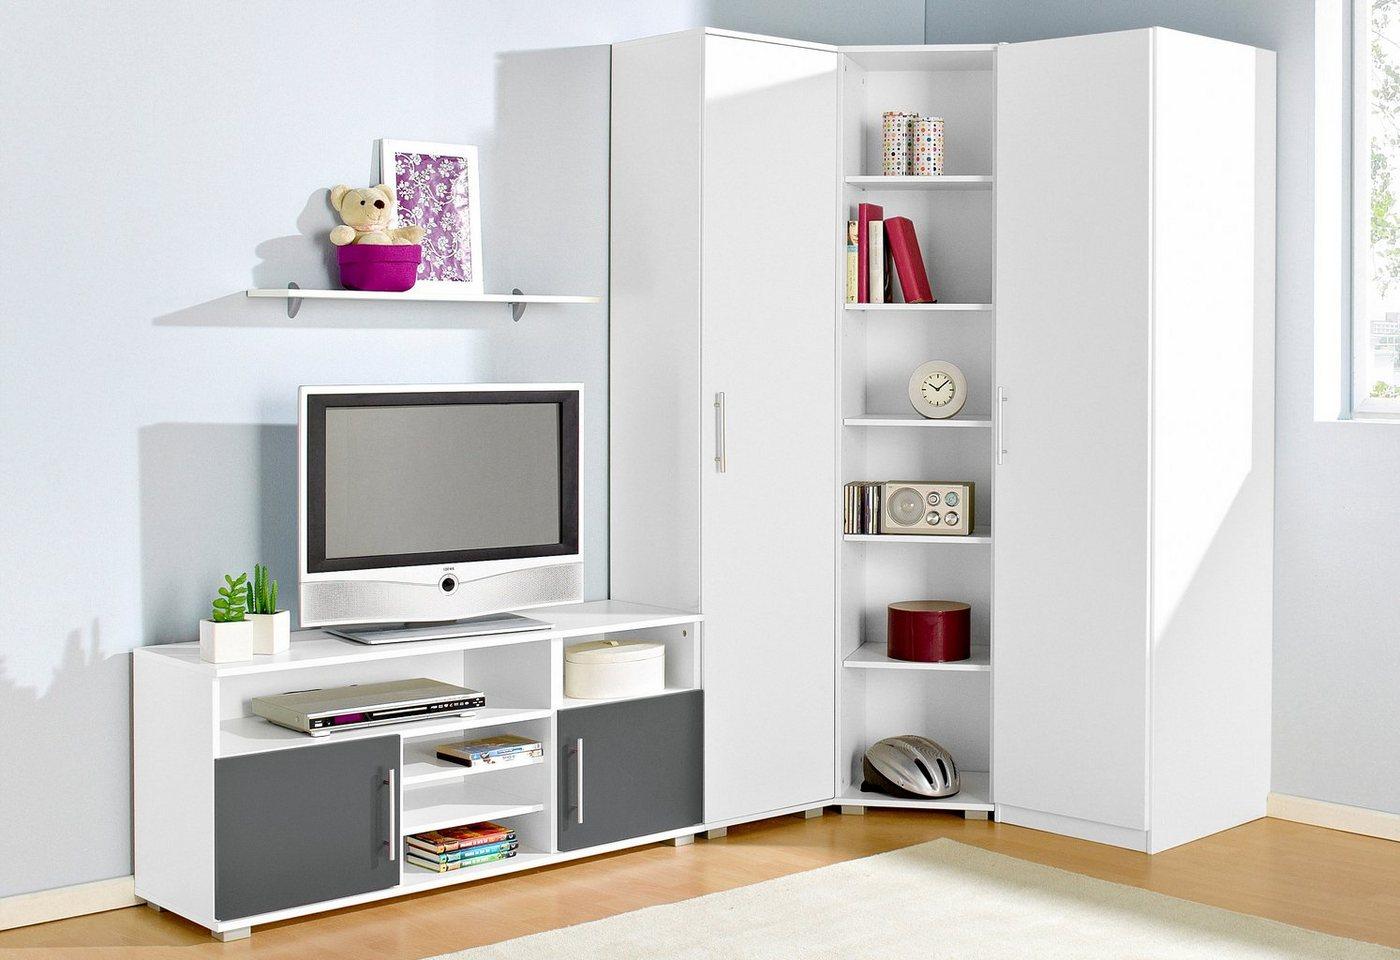 kleine wolke badezimmergarnitur finden sie preiswerte und g nstige. Black Bedroom Furniture Sets. Home Design Ideas